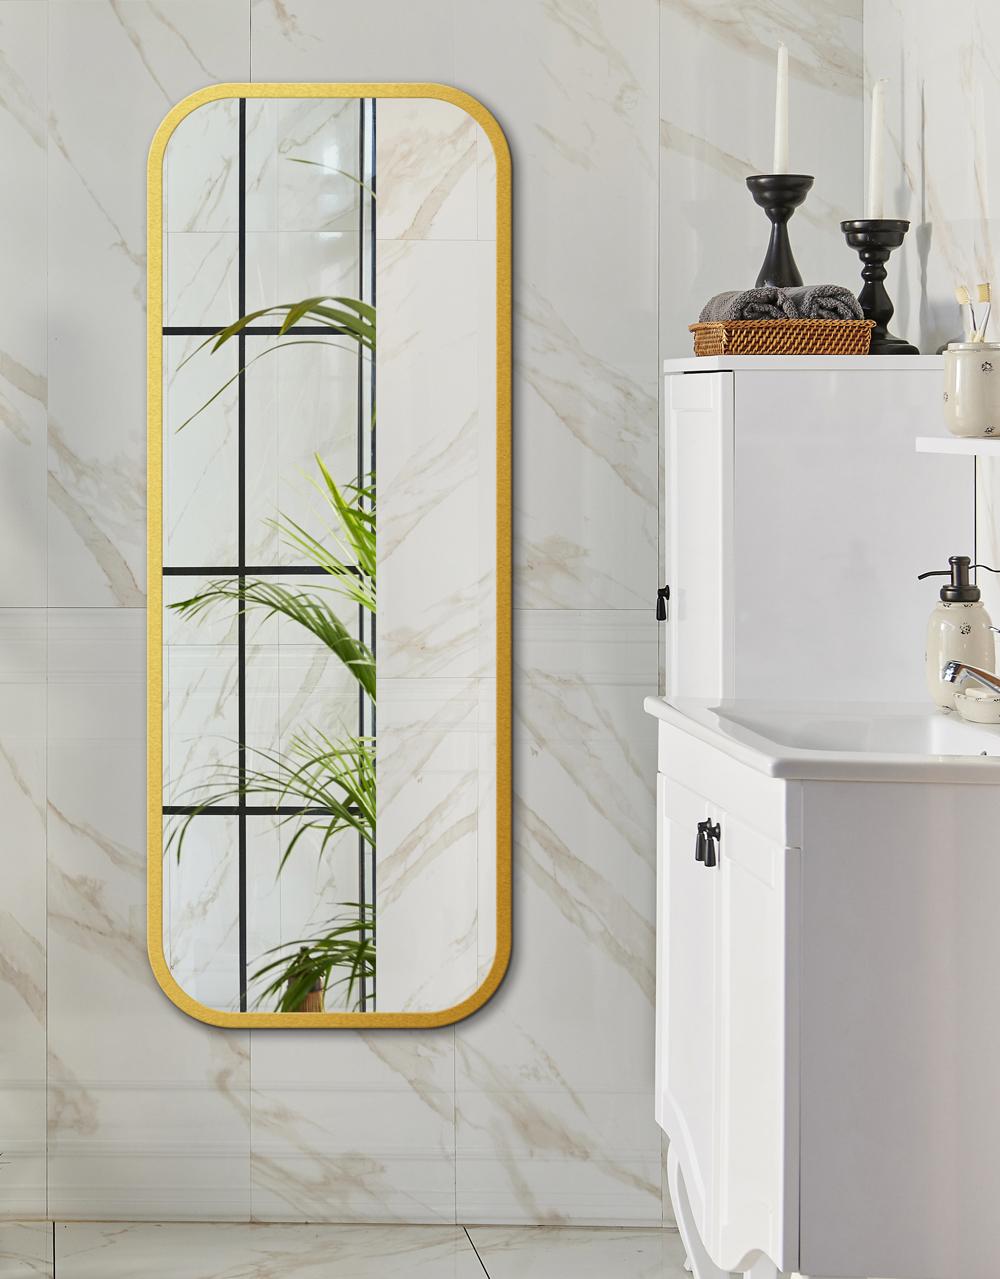 spiegel mira gold  spiegelkonzeptde